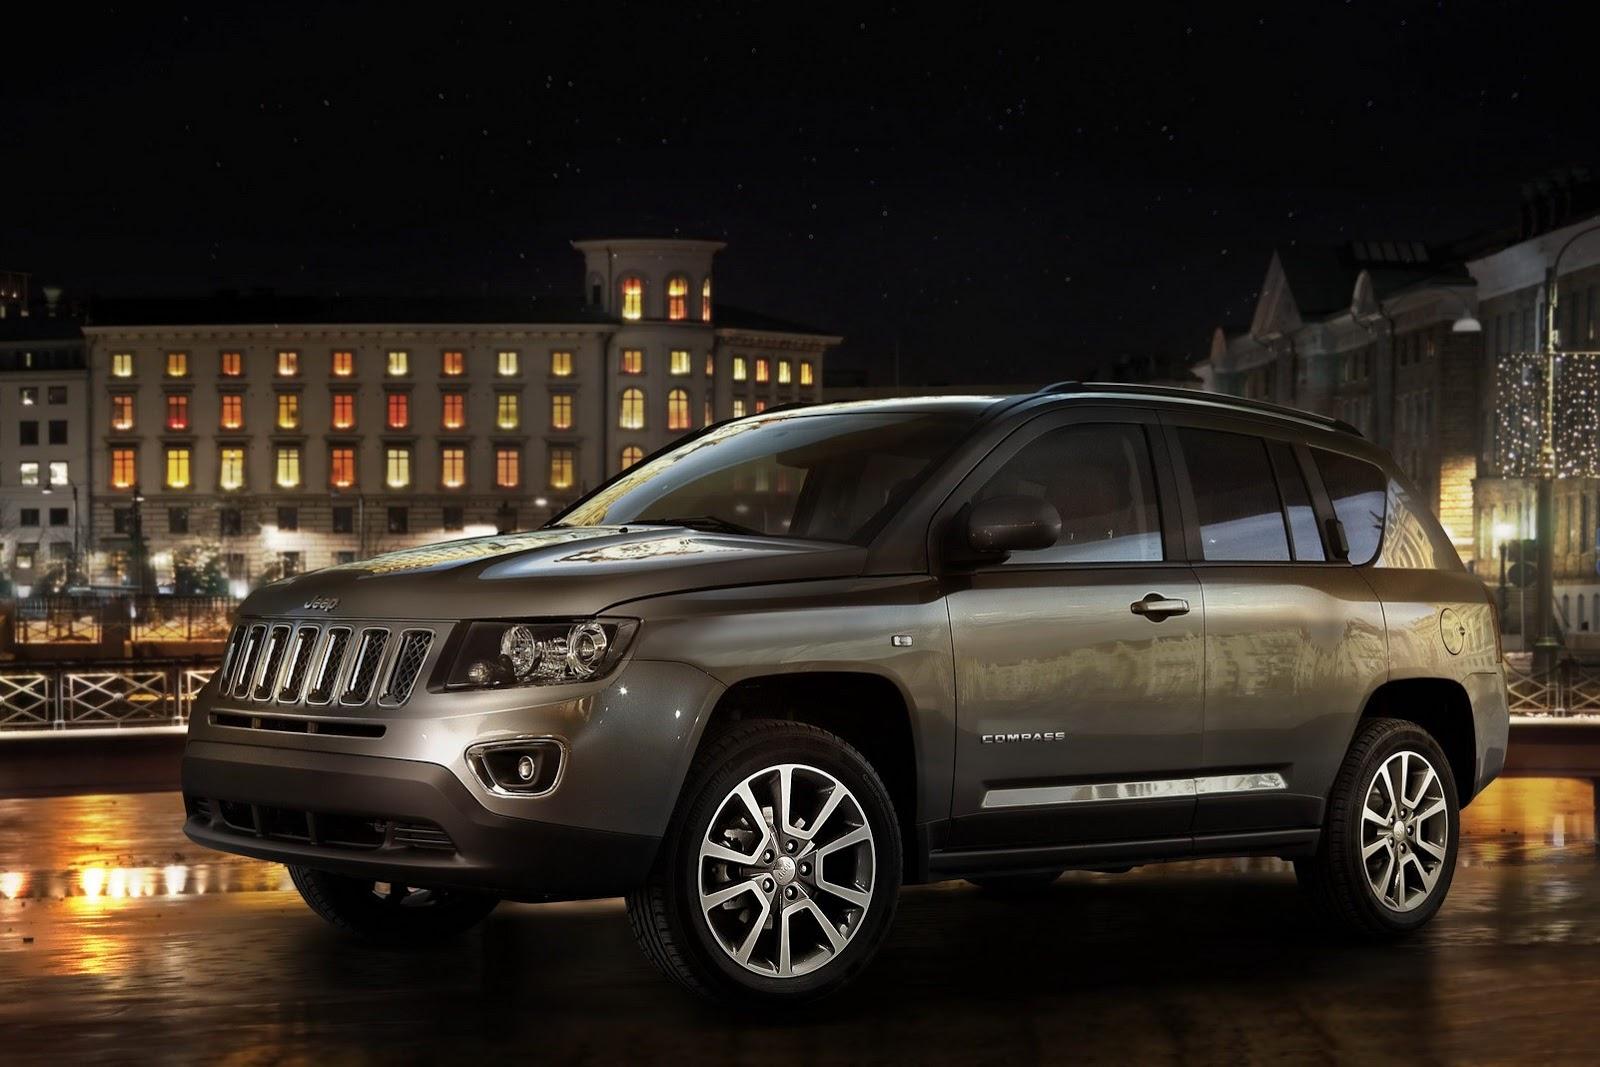 jeep compass nuovo cambio automatico a sei marce in arrivo. Black Bedroom Furniture Sets. Home Design Ideas